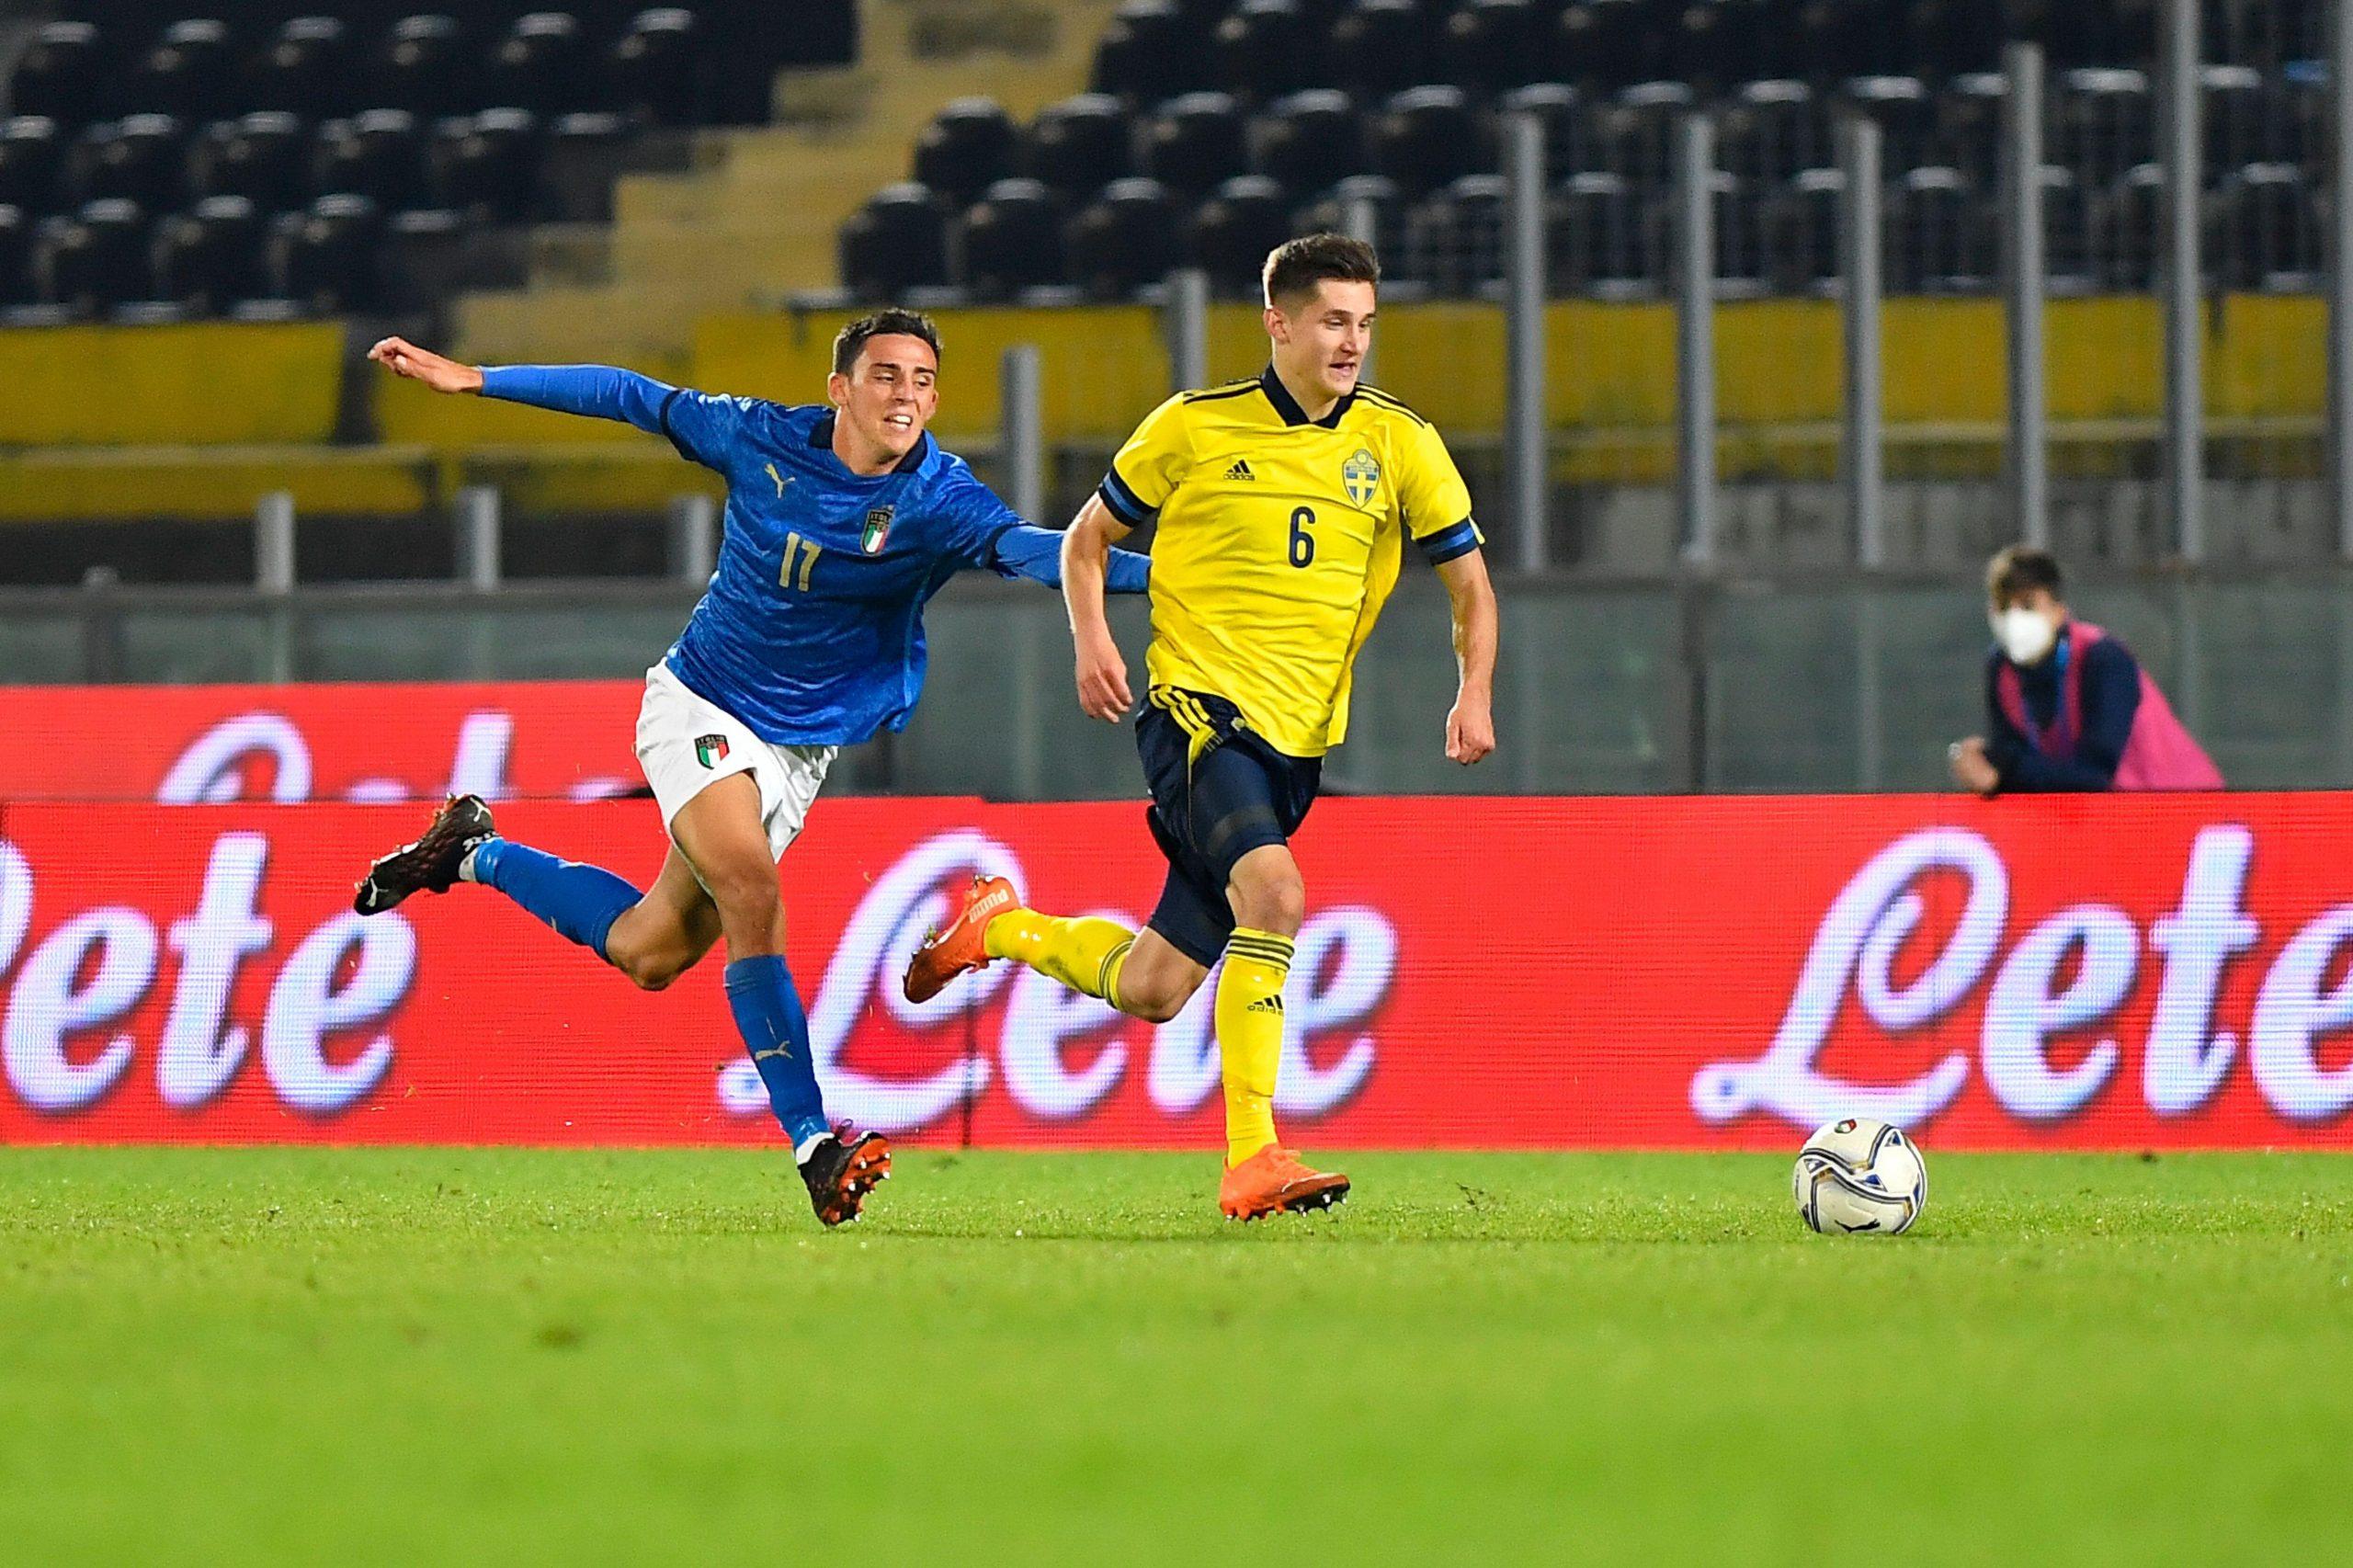 Streama Sverige – Italien (U21) – Se live stream & TV (12/10)